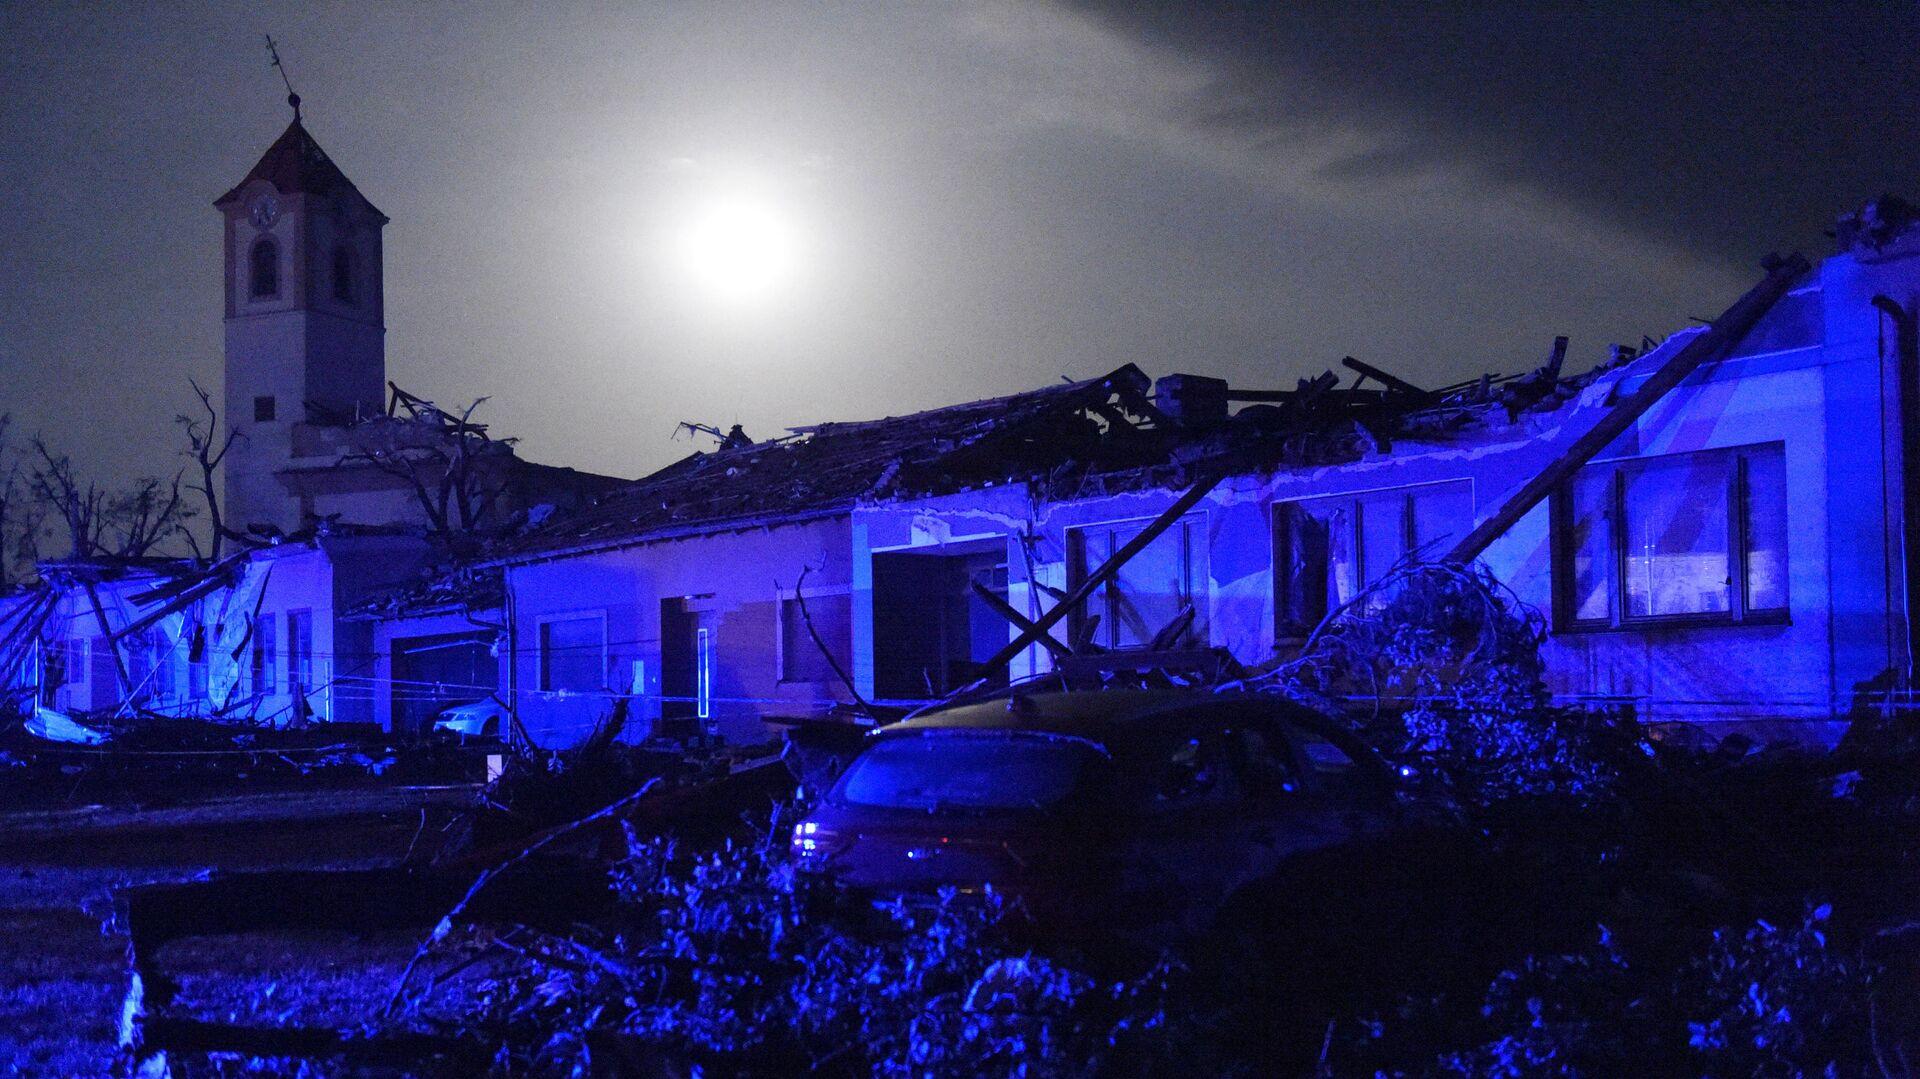 Поврежденные в результате торнадо здания в деревне Моравска-Нова-Вес , Южная Моравия, Чехия - Sputnik Česká republika, 1920, 25.06.2021